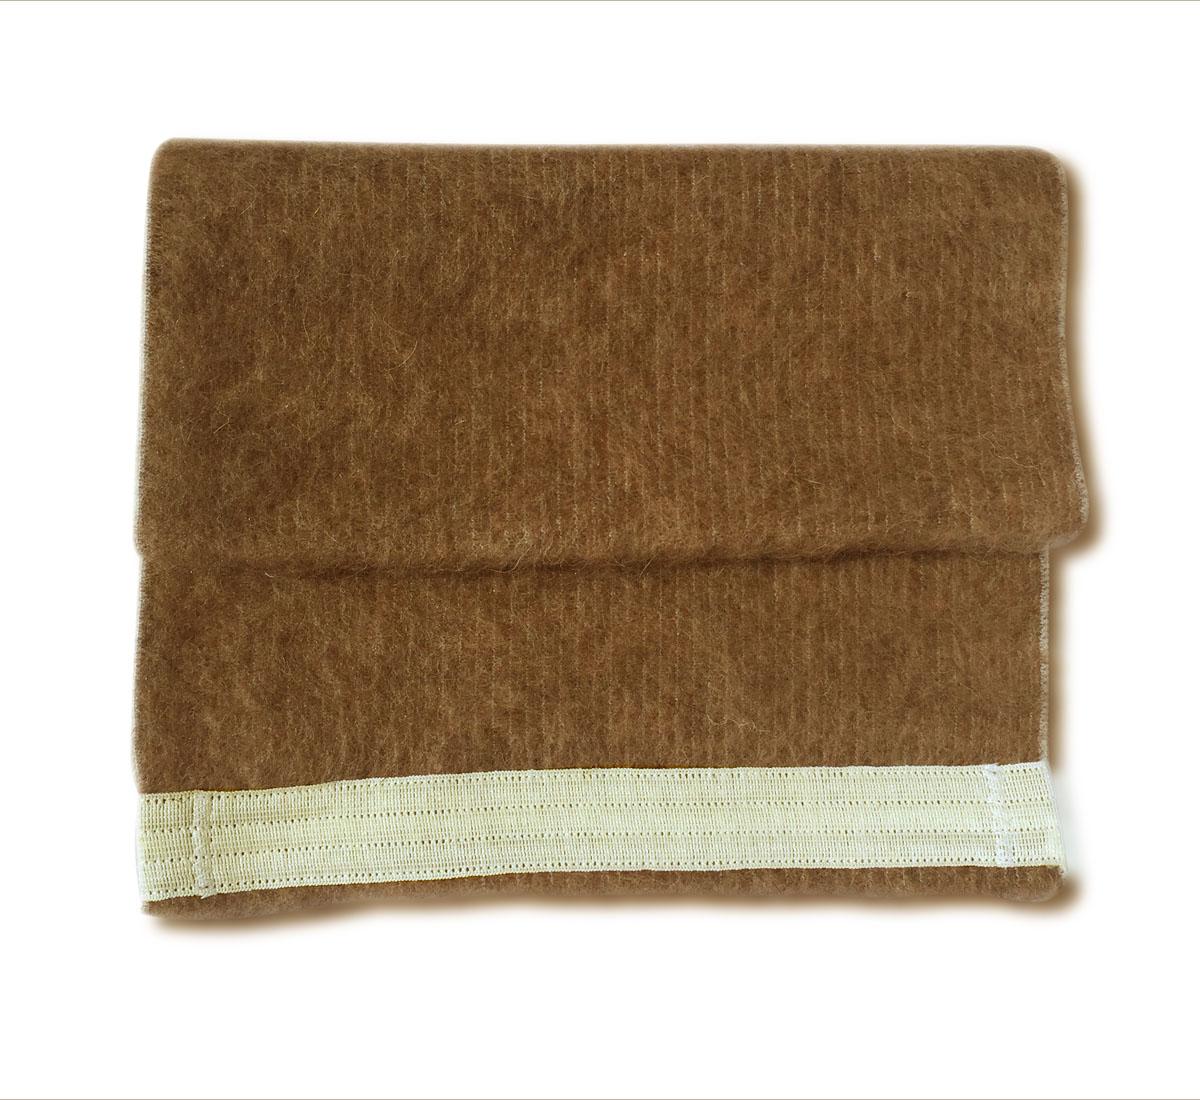 Леонарда-сервис Пояс-бандаж согревающий, верблюжья шерсть, размер 5 (талия 88-98) (ИМН) 204625